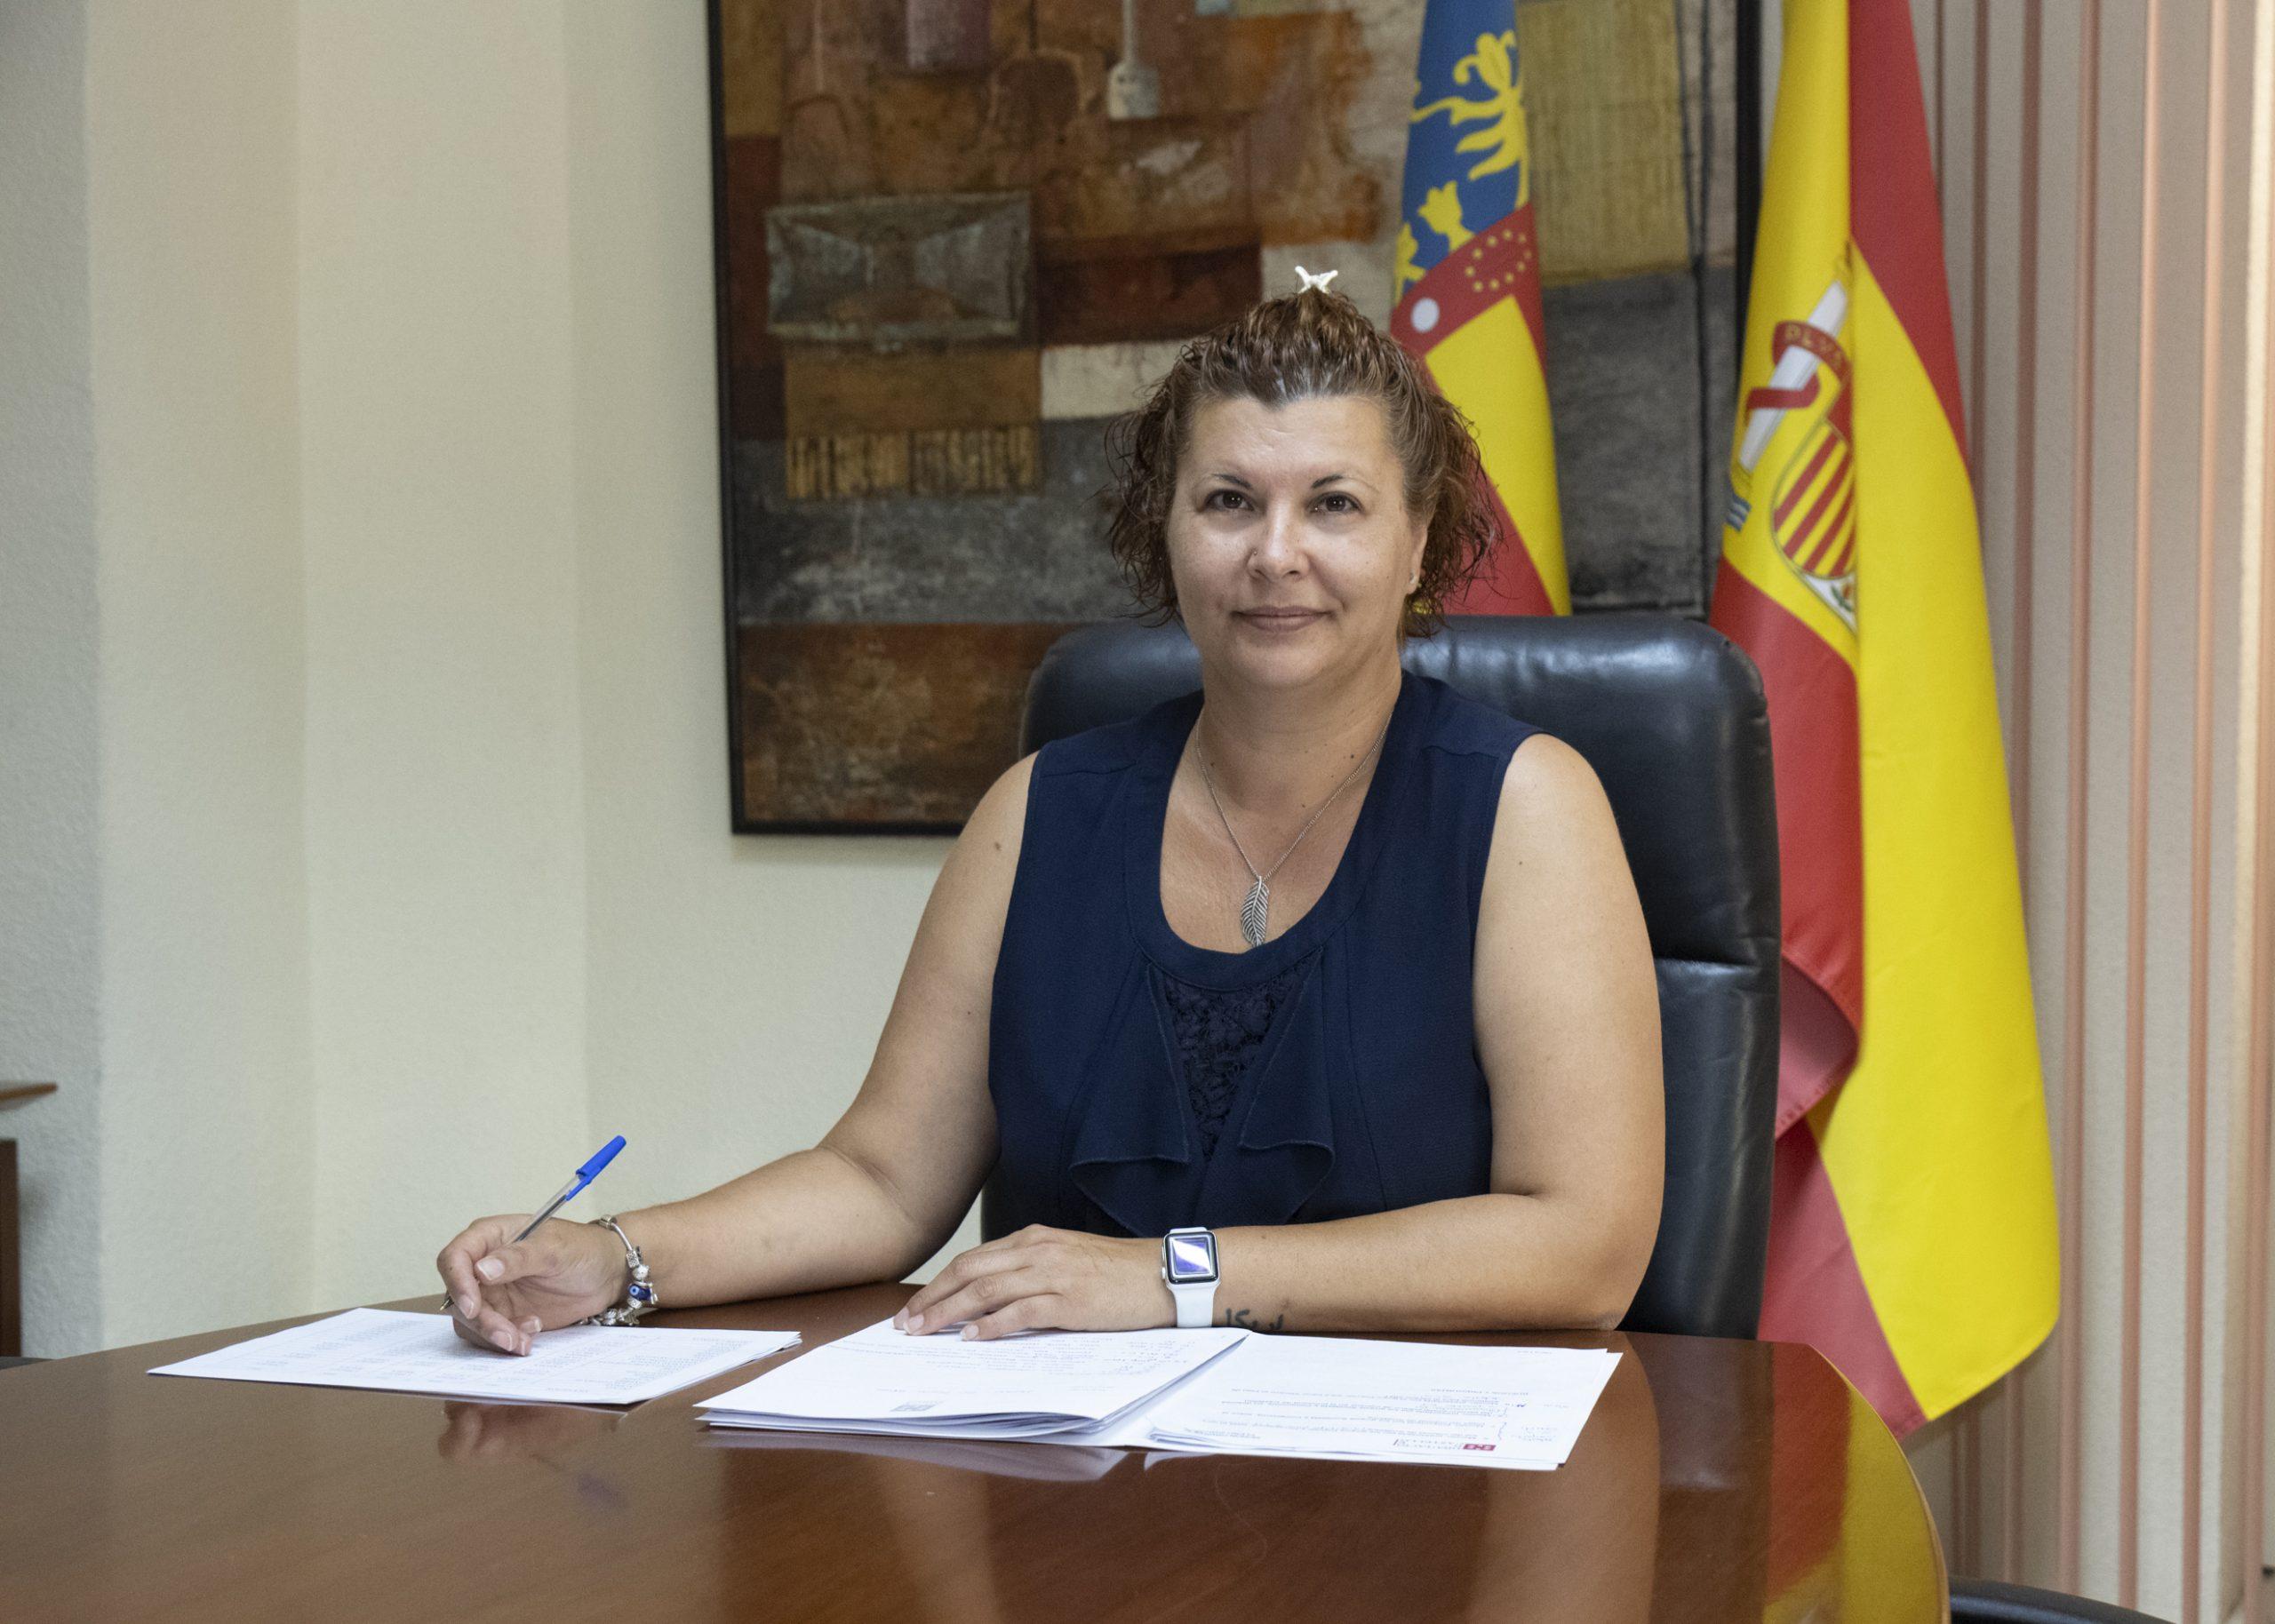 La Diputación de Castellón aprueba el paquete de ayudas de 1,6 millones de euros para vertebrar los servicios sociales de la provincia